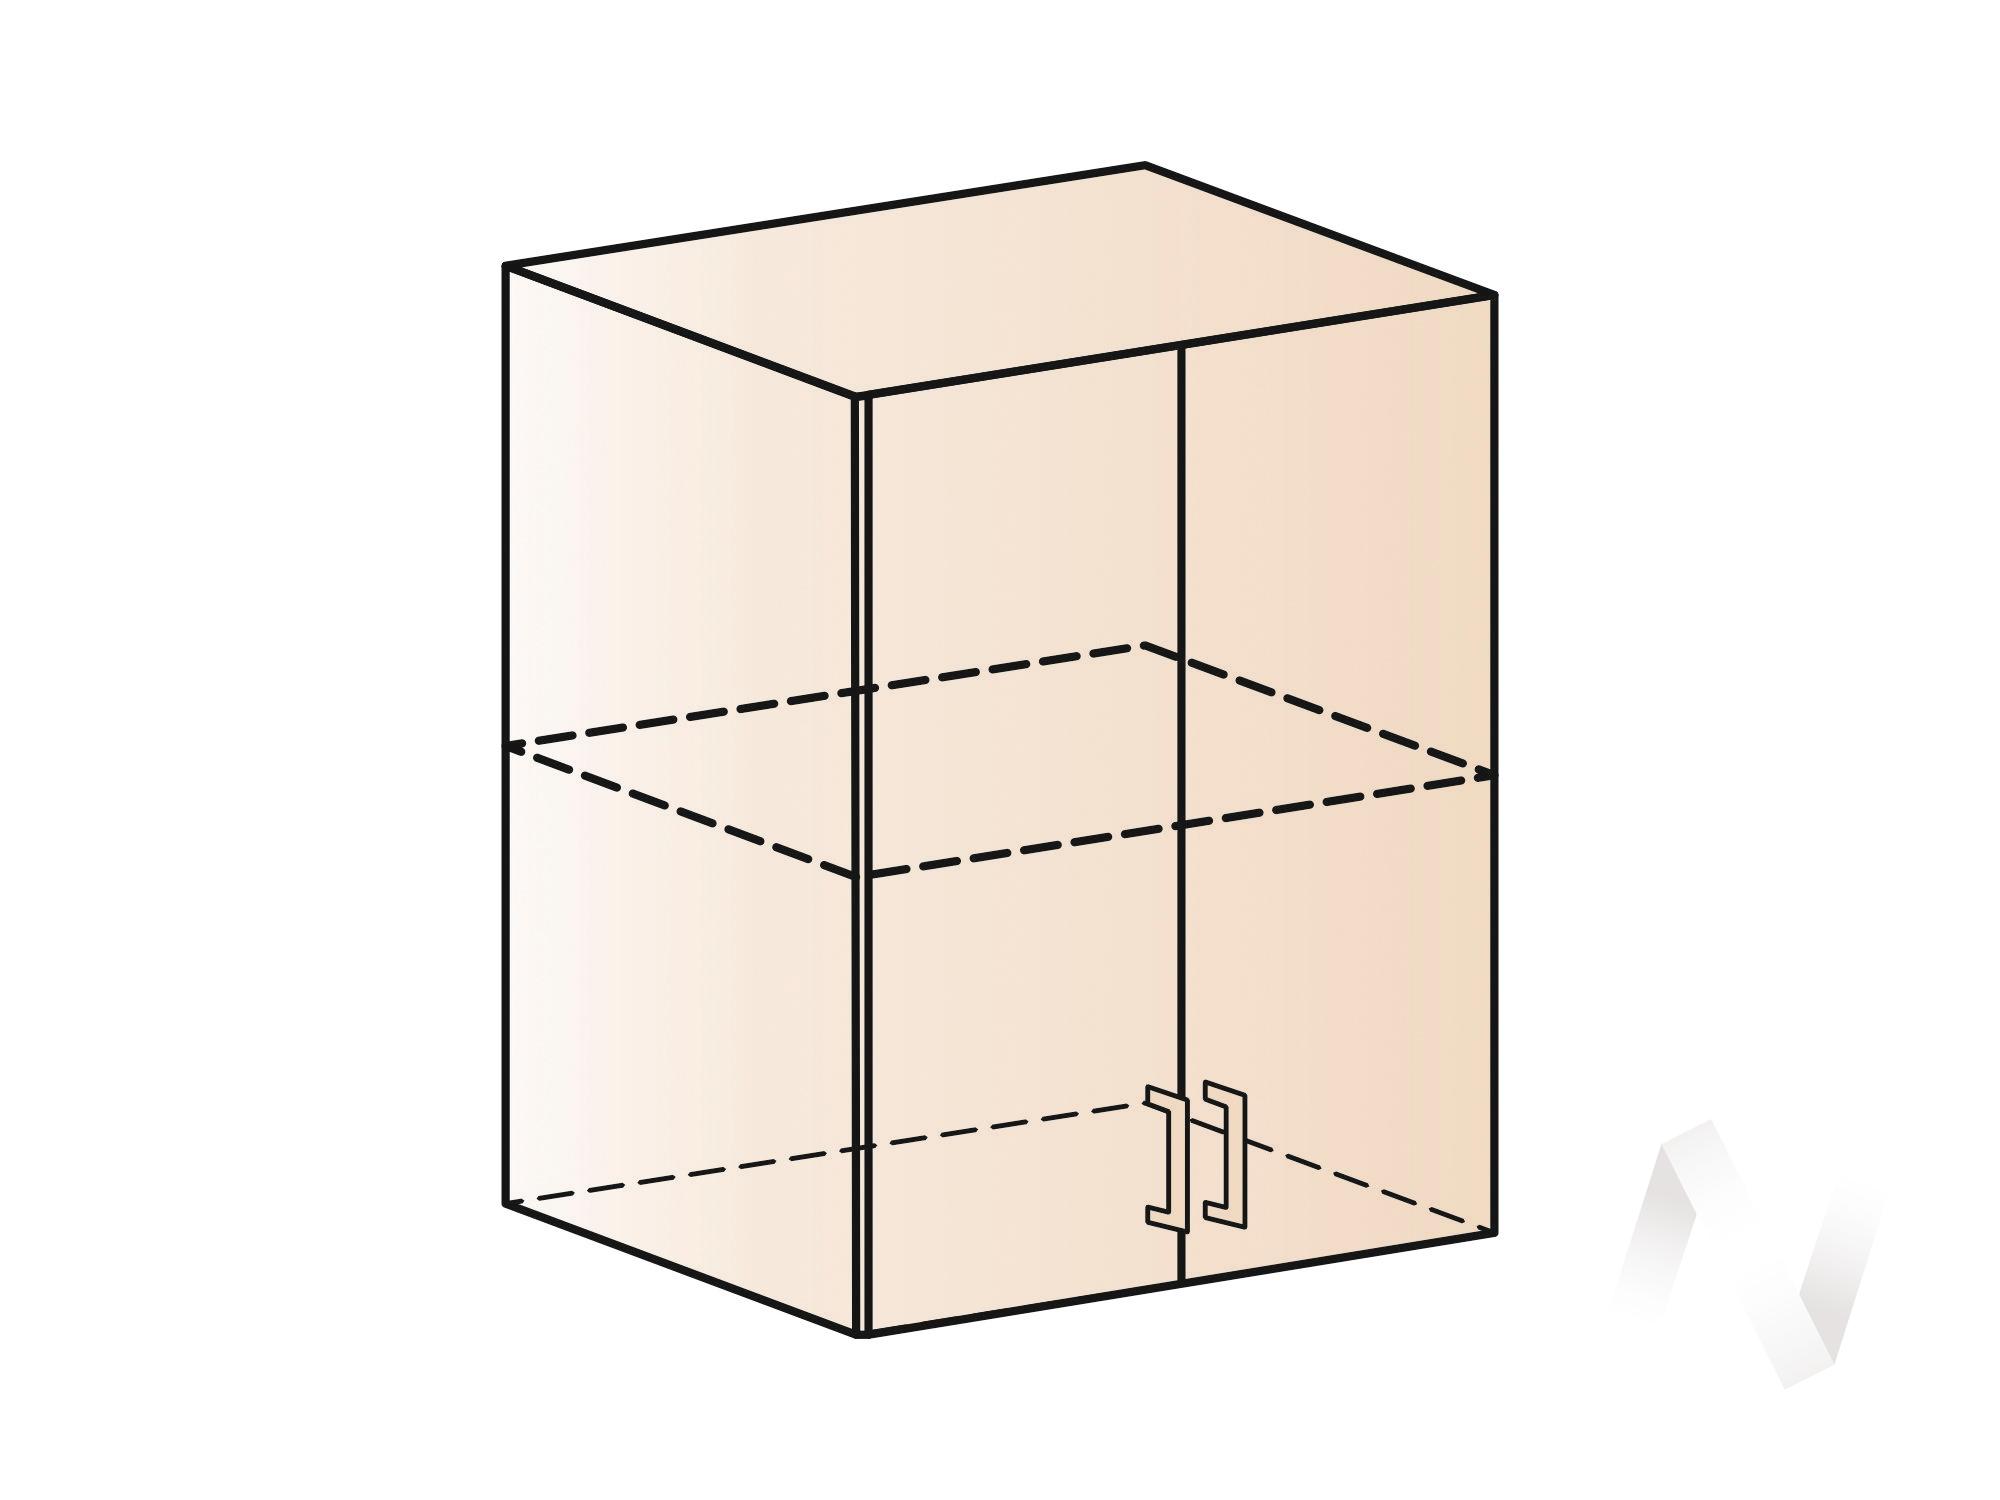 """Кухня """"Люкс"""": Шкаф верхний 600, ШВ 600 (Шоколад матовый/корпус венге) в Томске — авторская мебель Экостиль"""